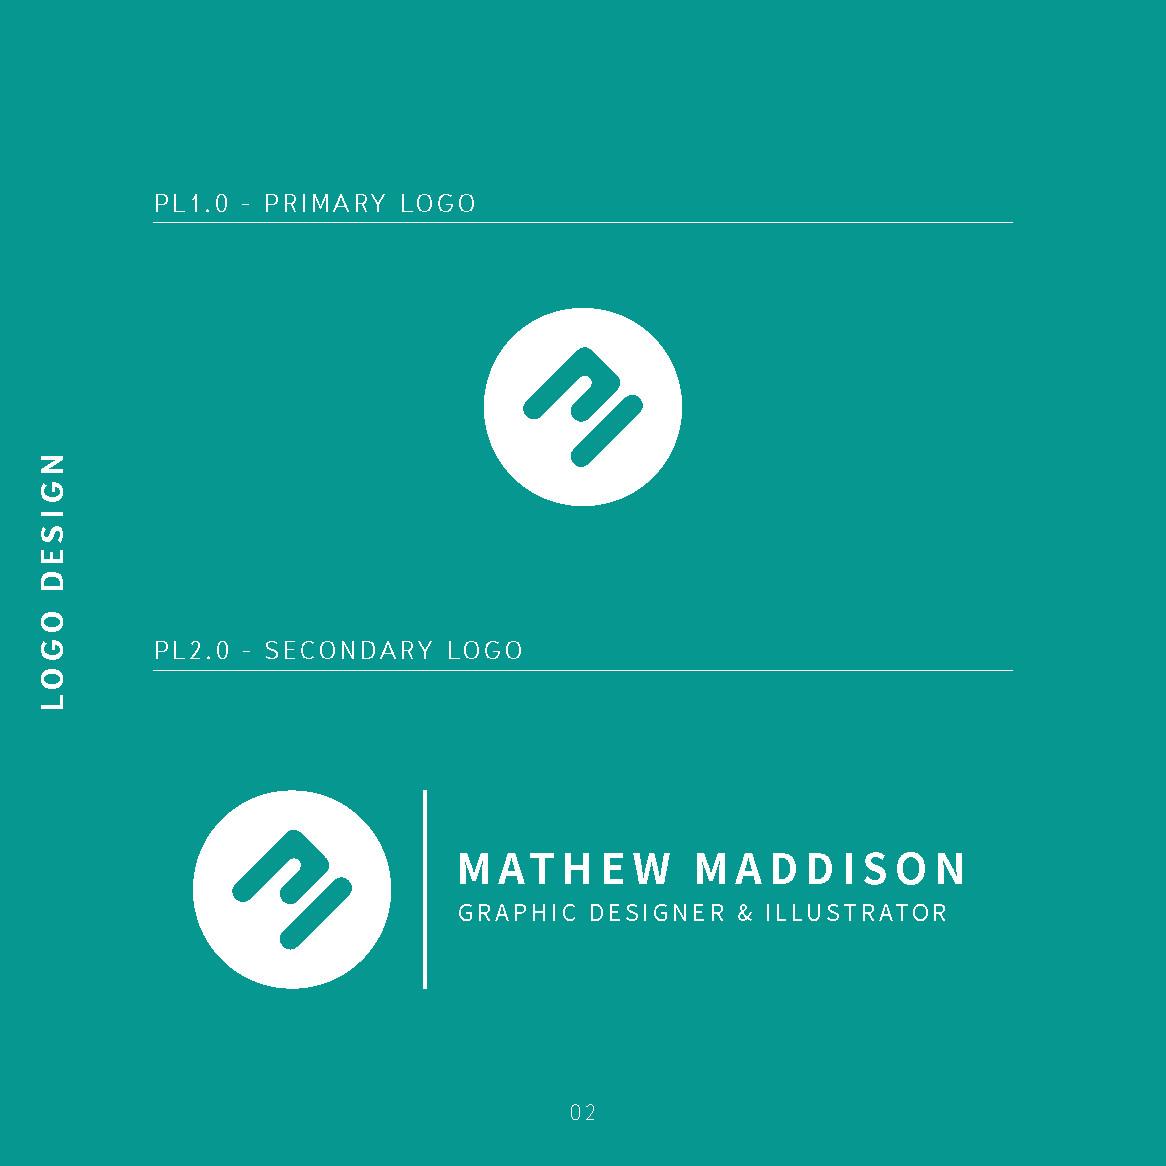 Mathew maddison mathew maddison identity guidelines page 4